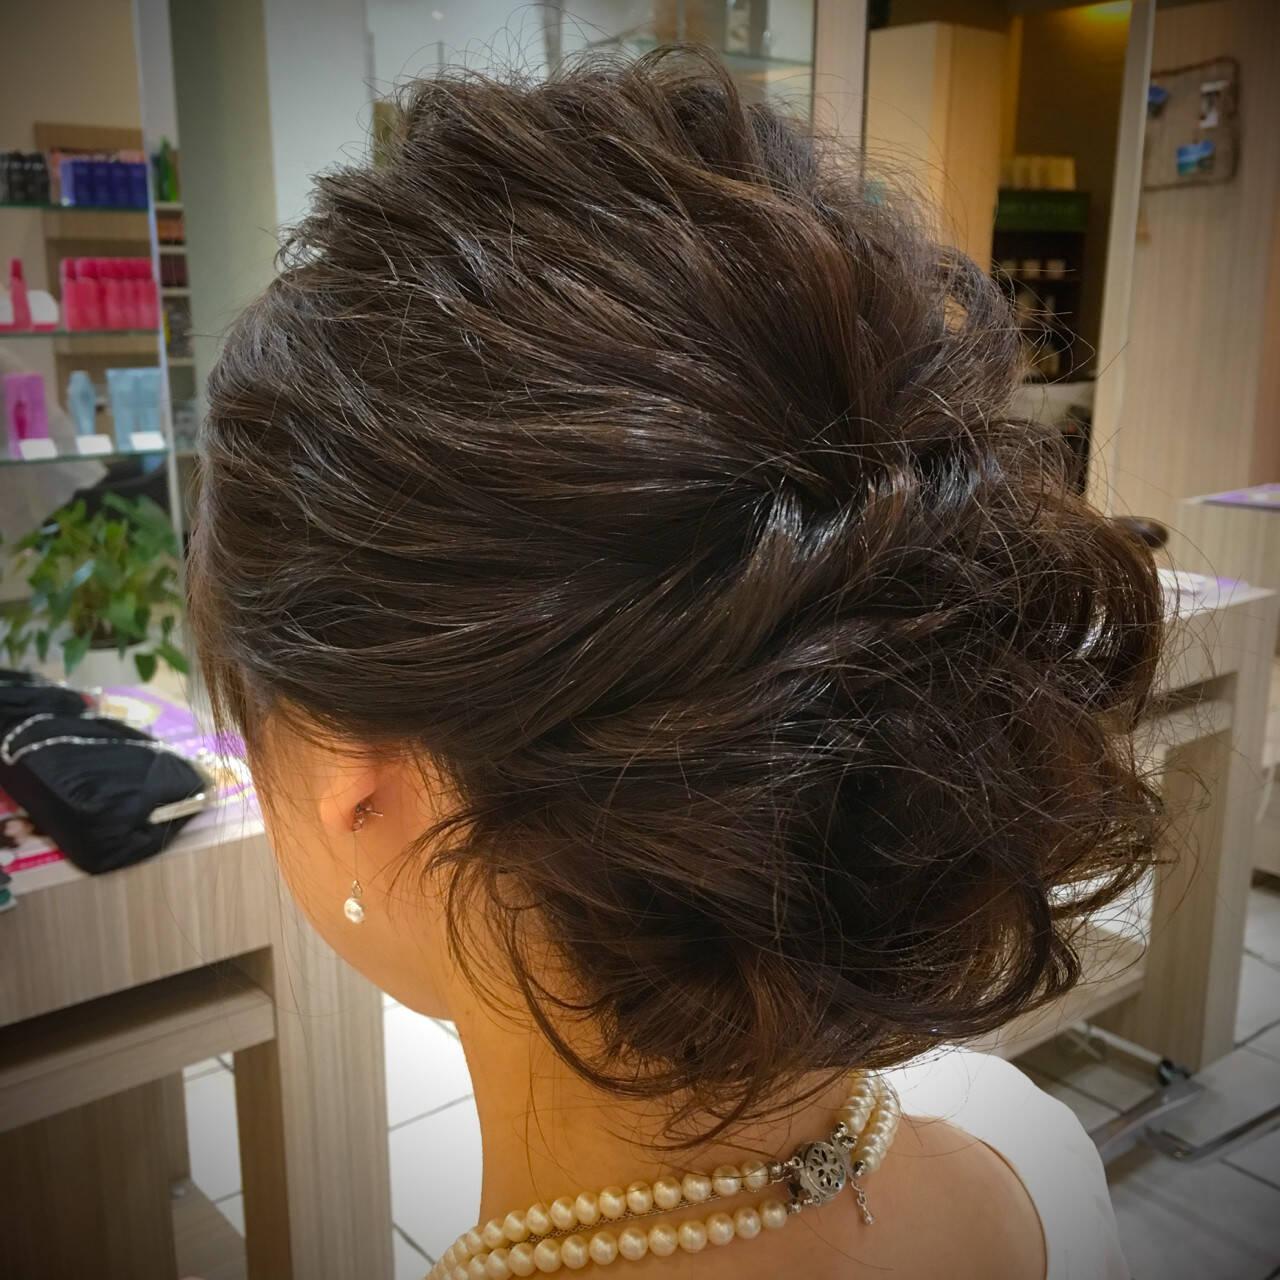 アップスタイル セミロング 波ウェーブ ヘアアレンジヘアスタイルや髪型の写真・画像